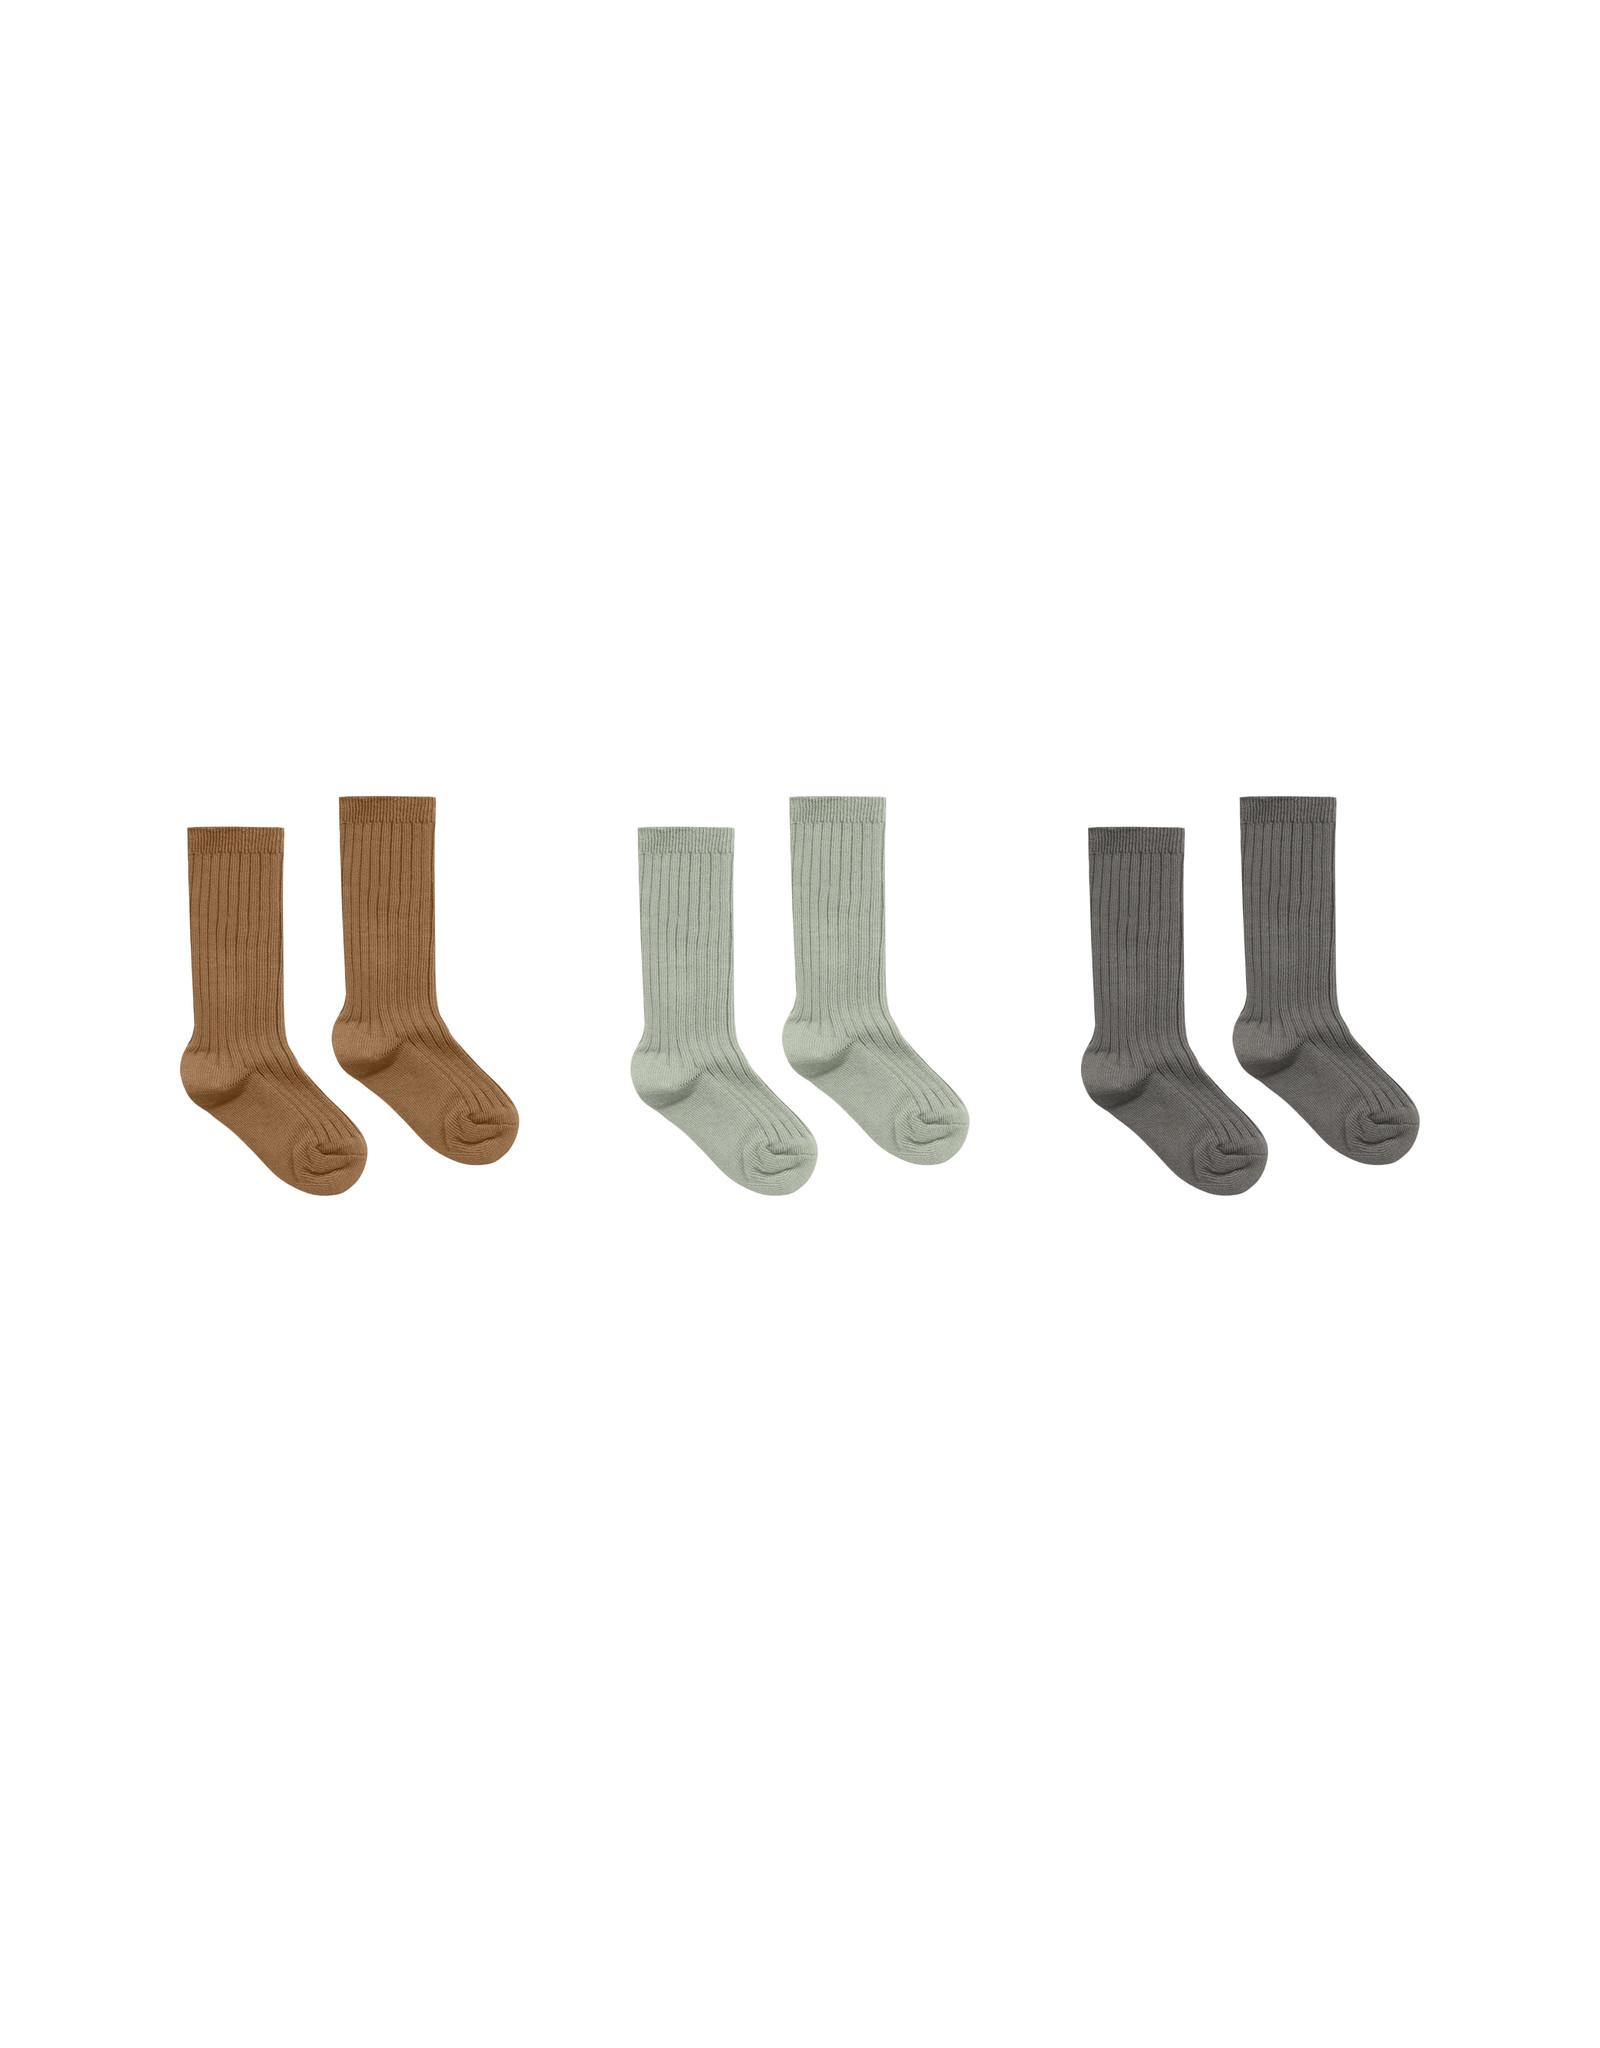 Rylee + Cru Solid Ribbed Socks - 3 Pack